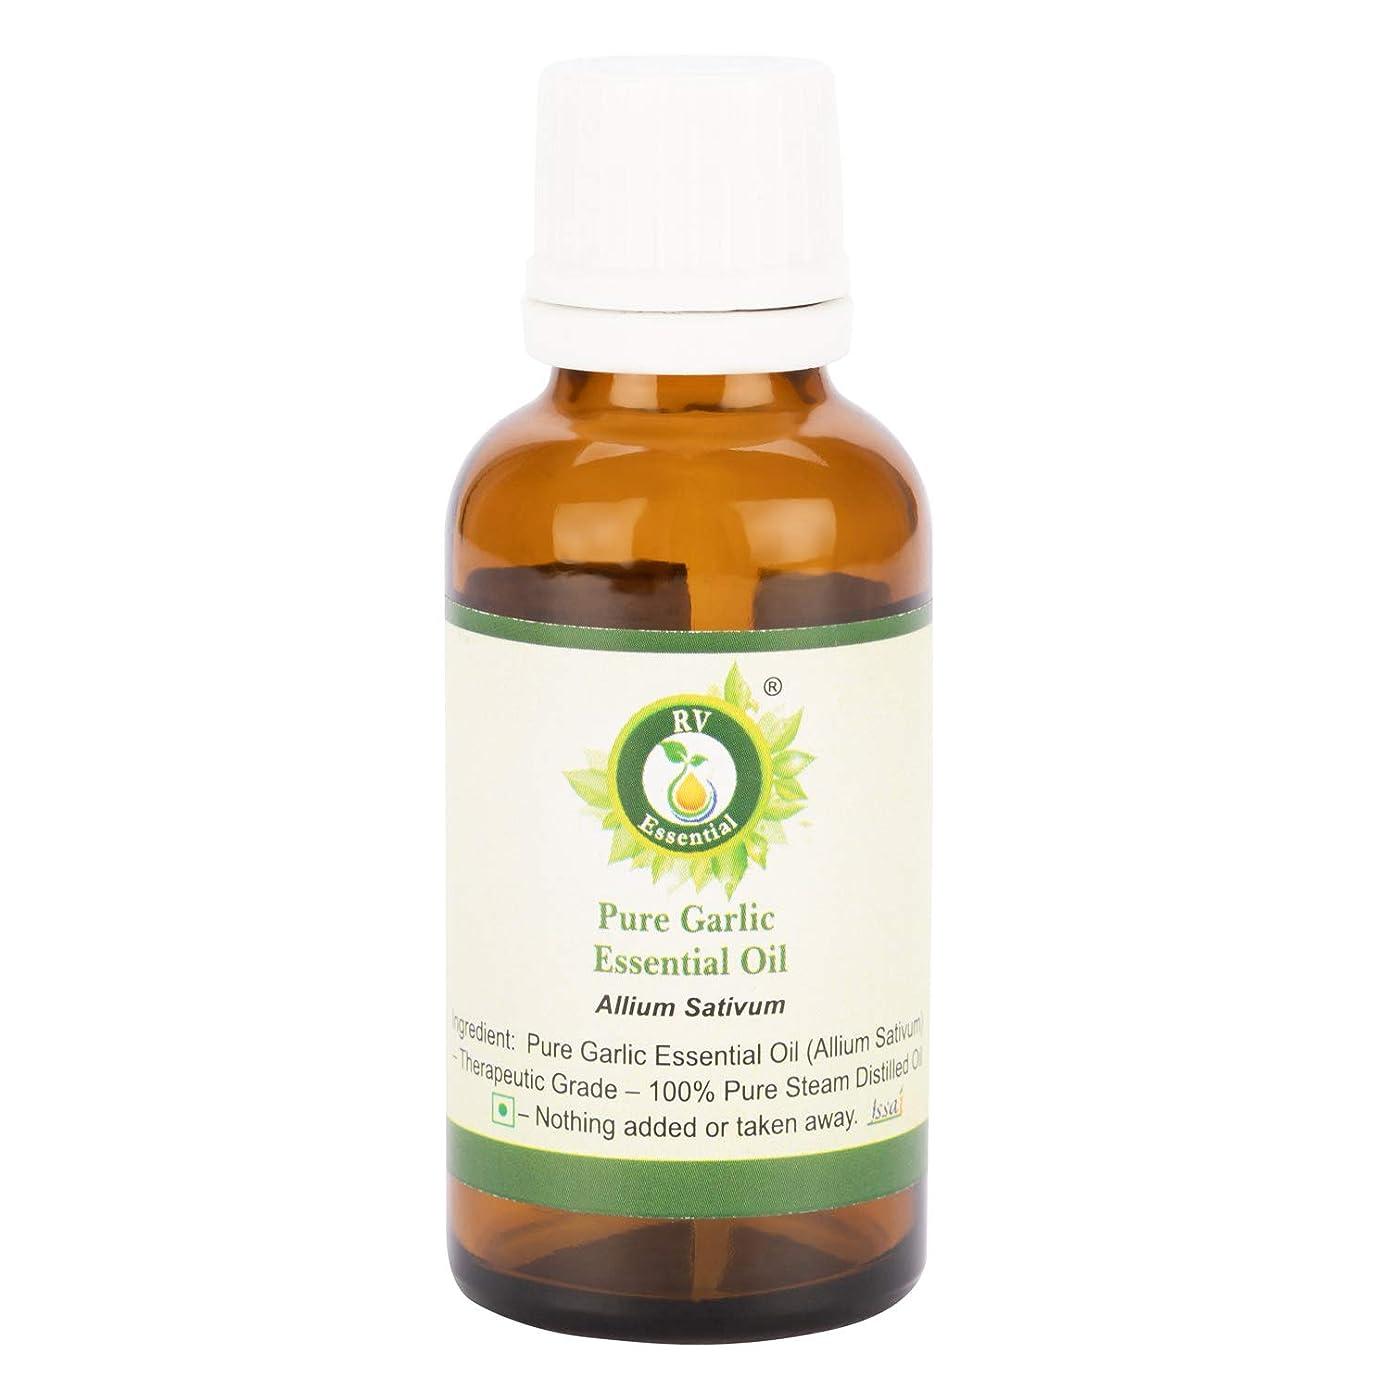 クランシー会員甲虫ピュアニンニクエッセンシャルオイル50ml (1.69oz)- Allium Sativum (100%純粋&天然スチームDistilled) Pure Garlic Essential Oil